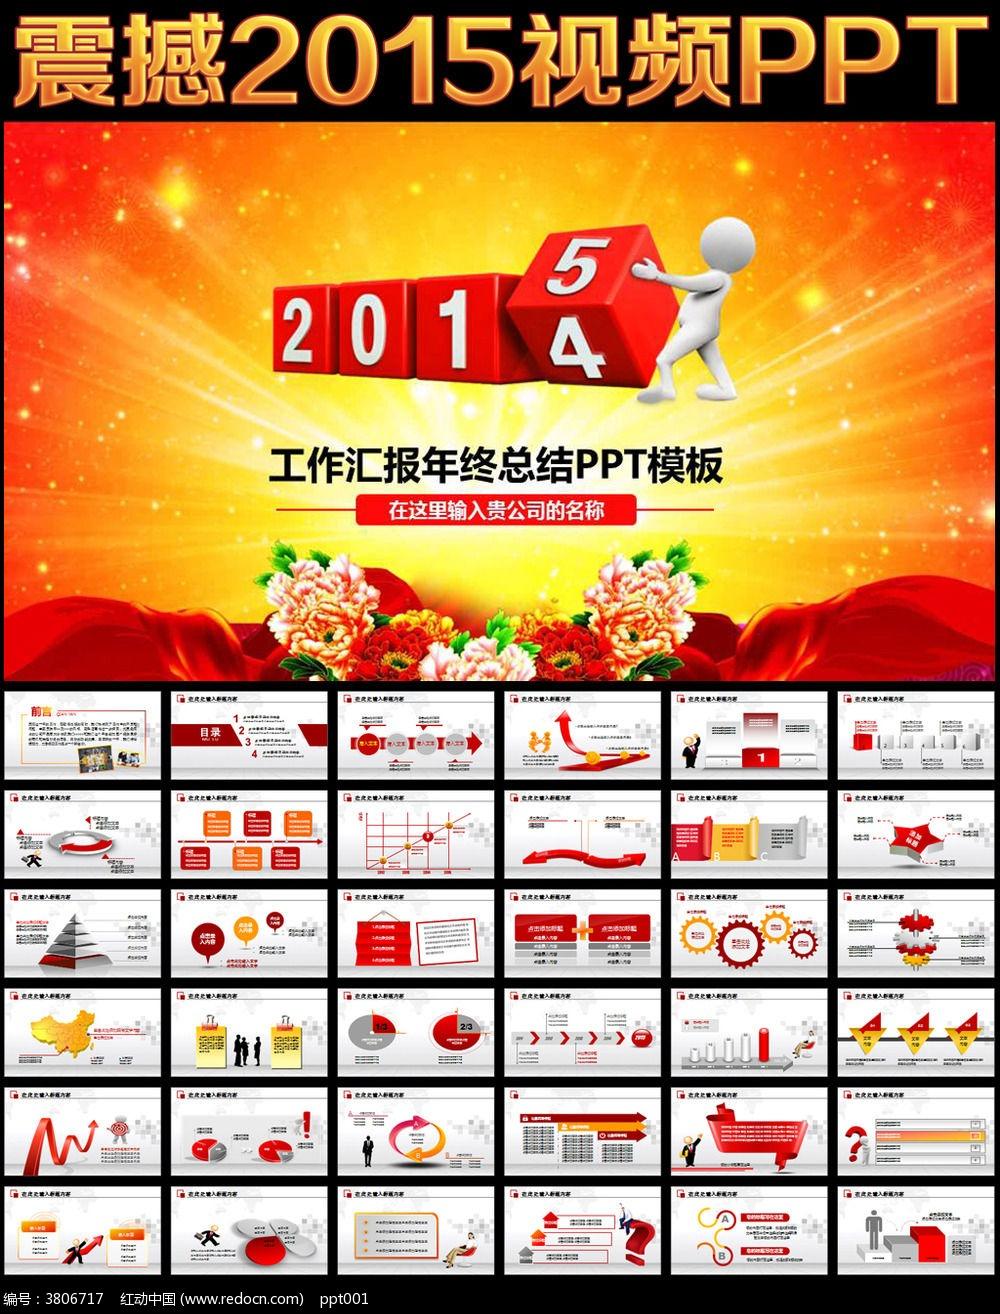 结 新年计划 开门红ppt 2015年 年度计划 2015 业绩 新年 春节 元旦